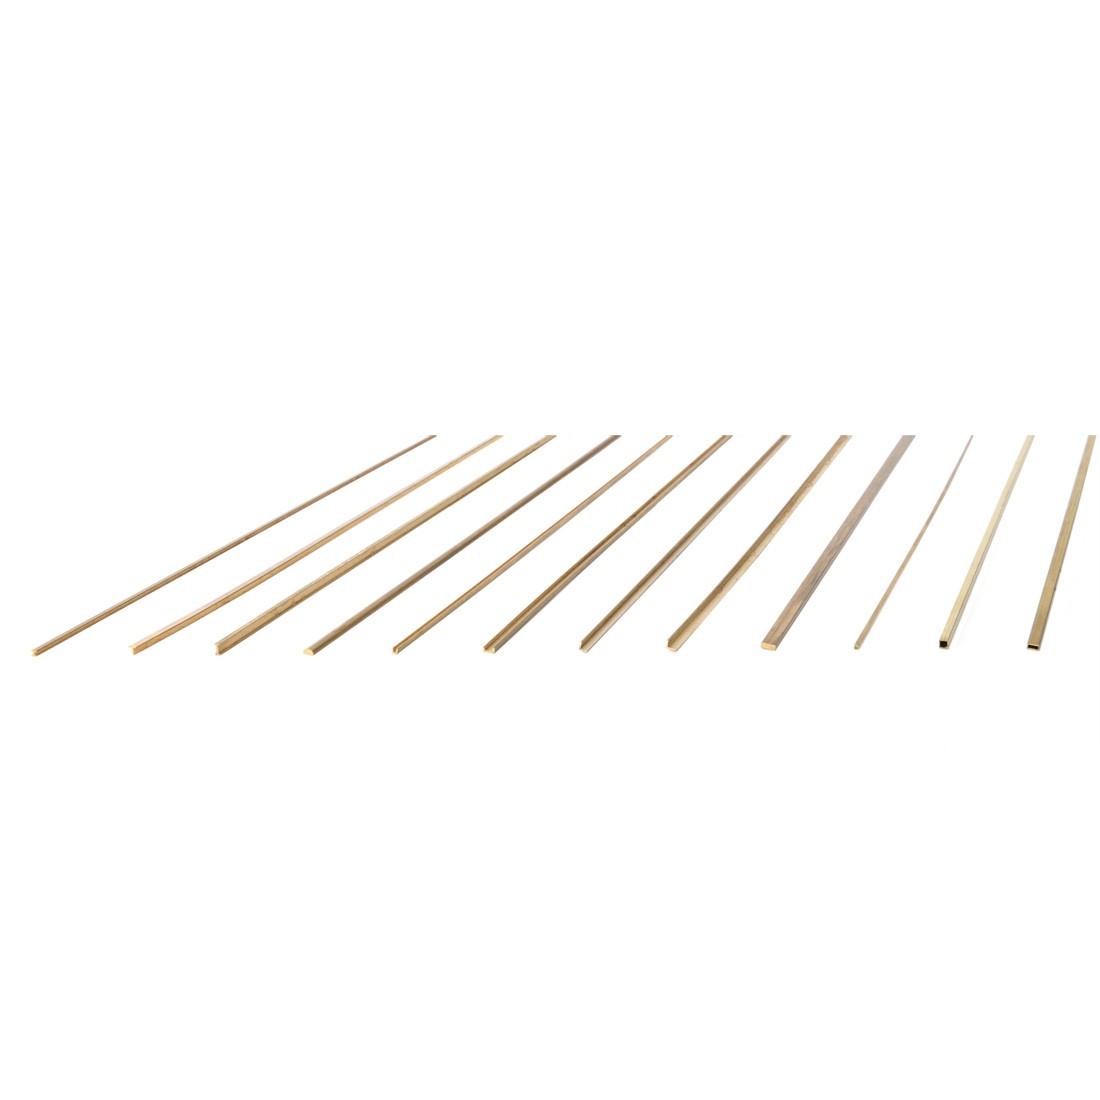 Microprofilati Ottone mm. 2x1x500 sez. C